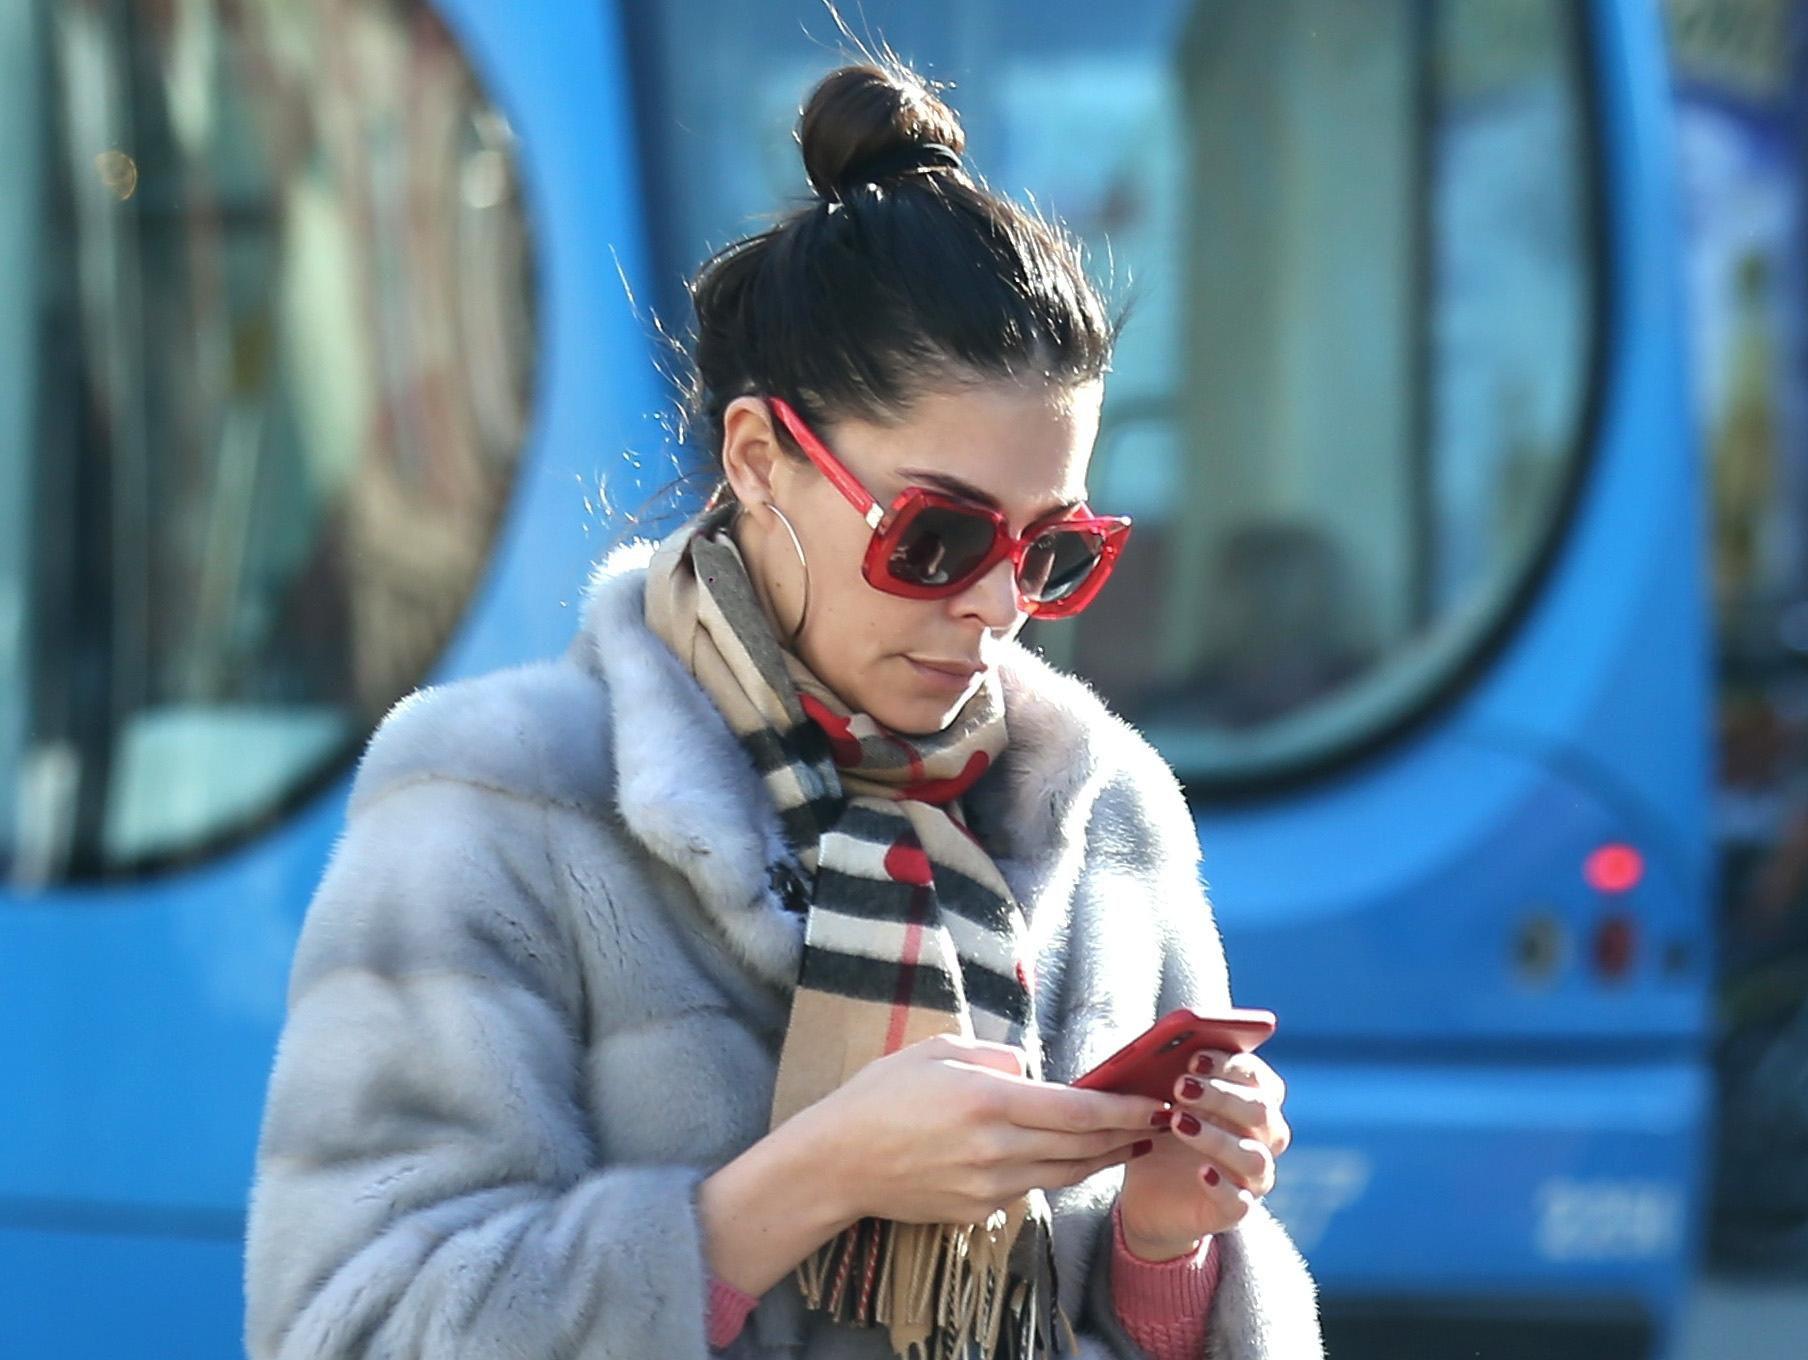 Odličan styling na zgodnoj crnki: U centru grada svi su gledali u njezine traperice